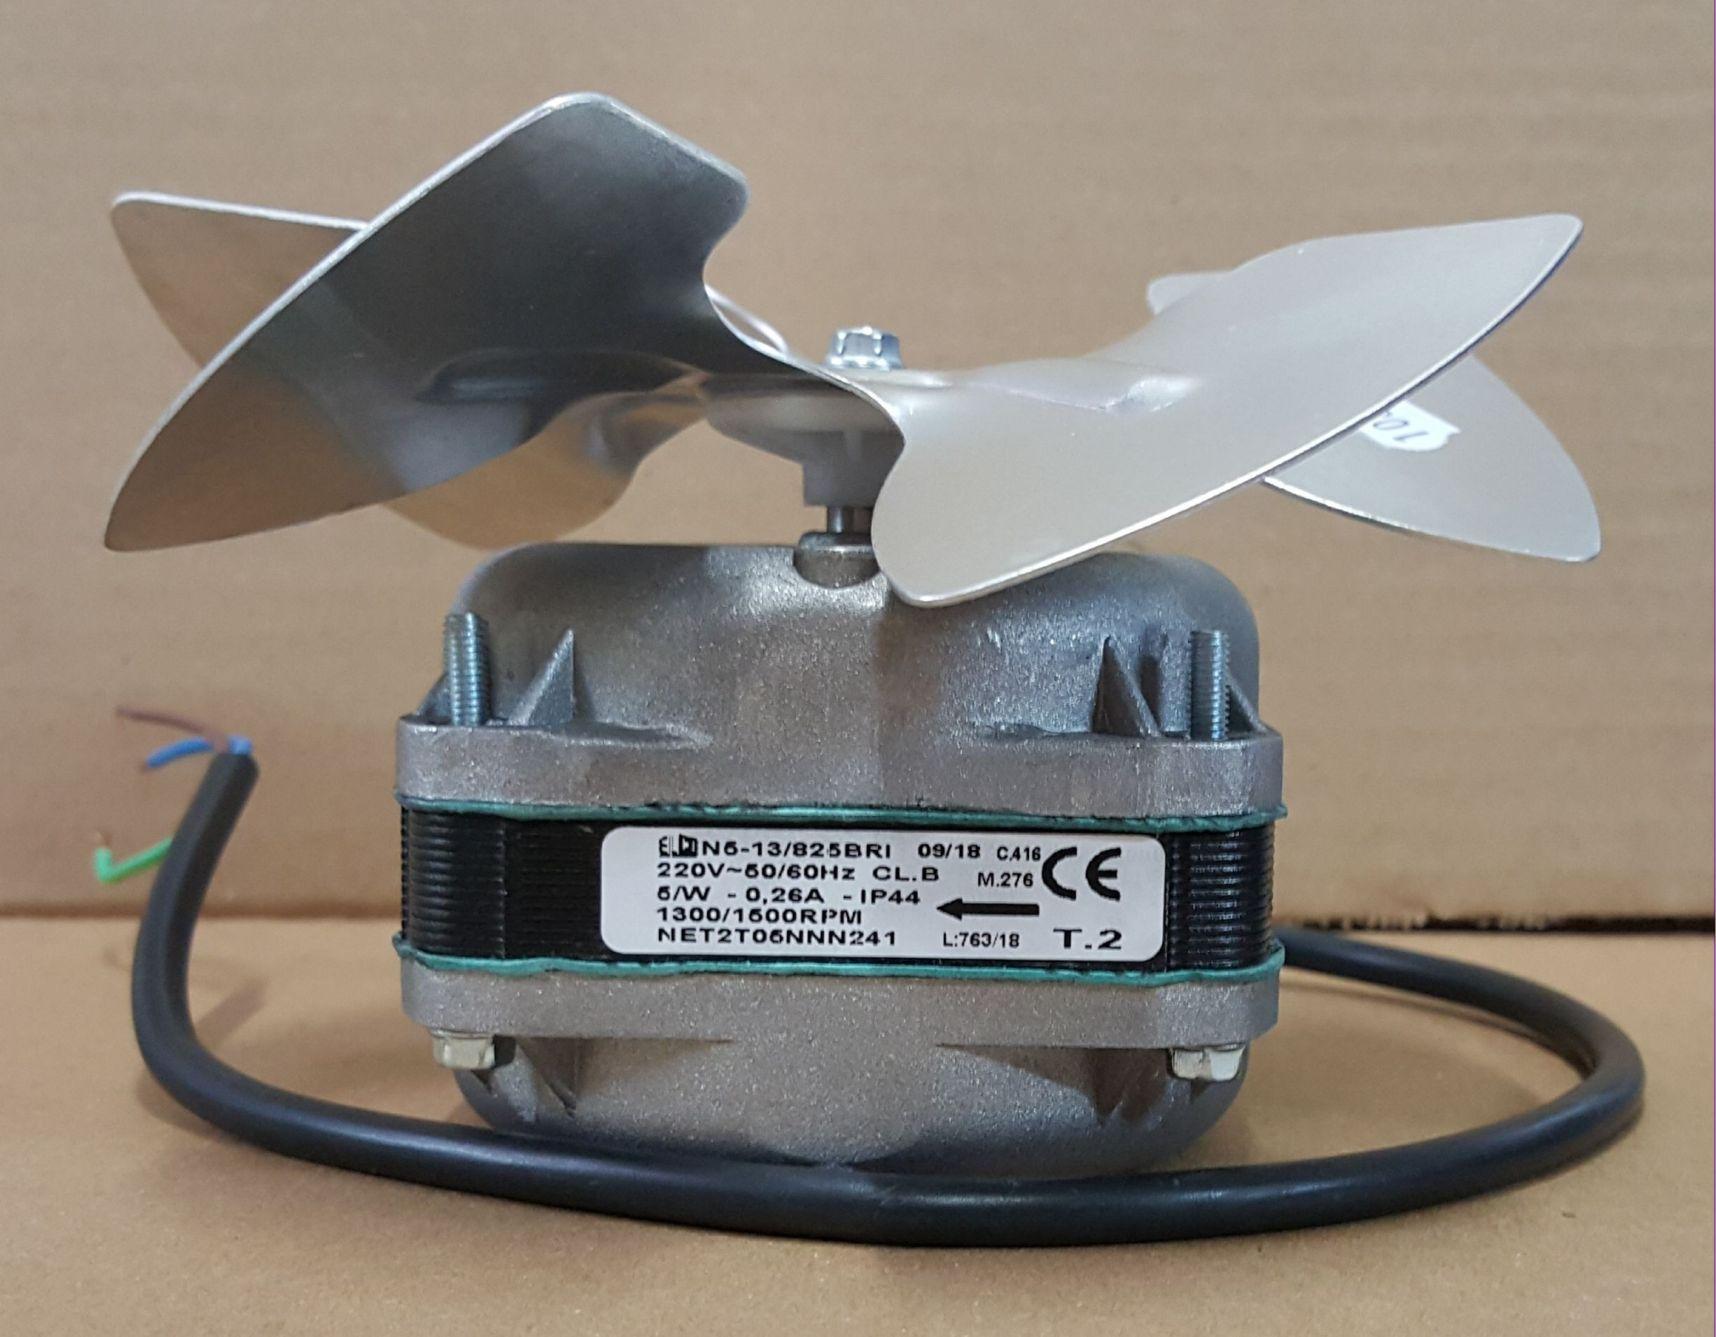 MICRO MOTOR VENTILADOR 1/40 ELCO N5-13/825 ROTAÇÃO INVERSA BLINDADO 220V